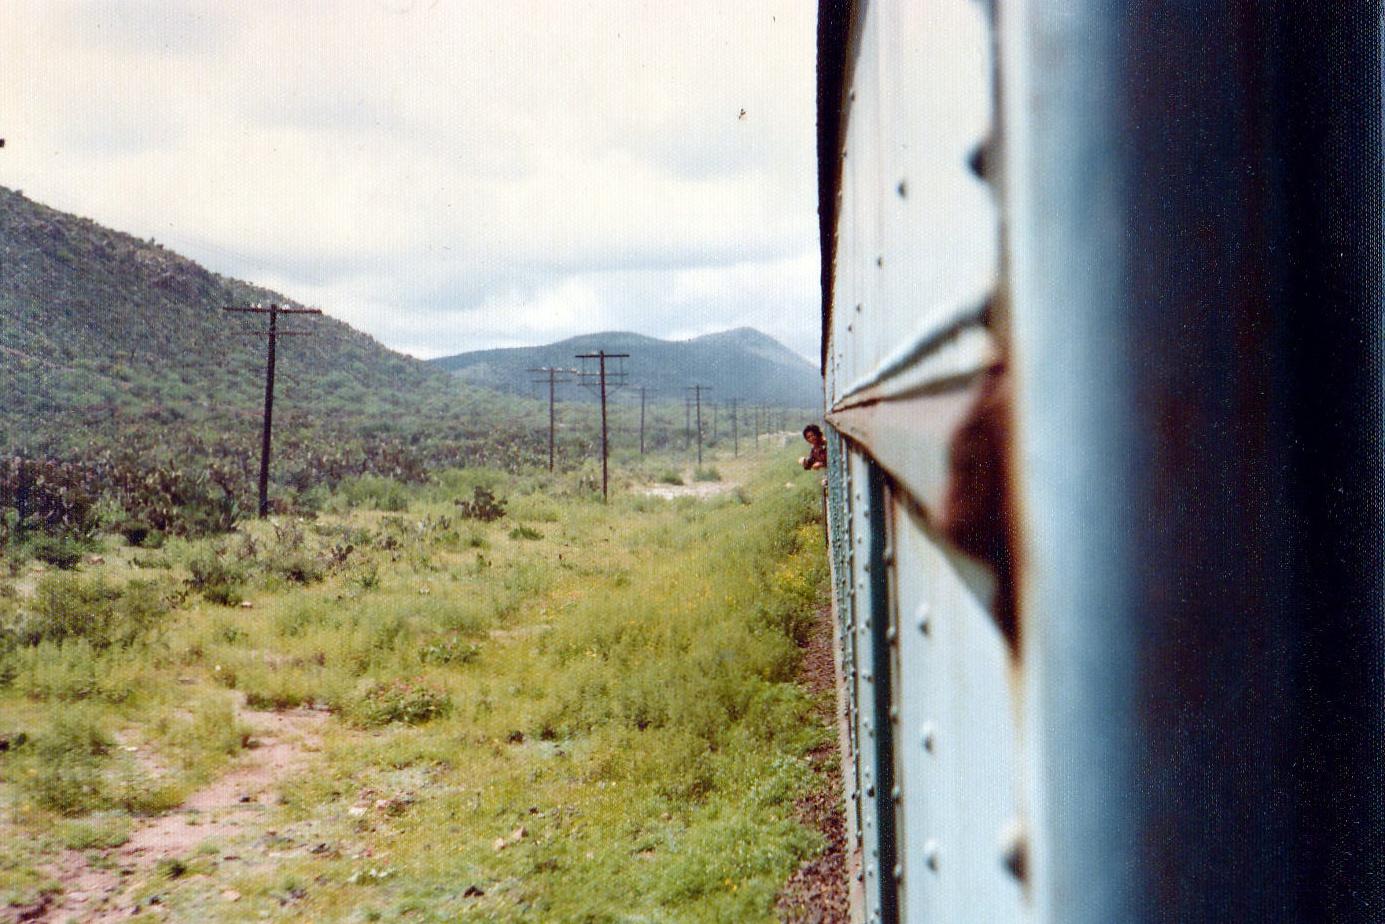 사진으로 보는 1975년의 멕시코